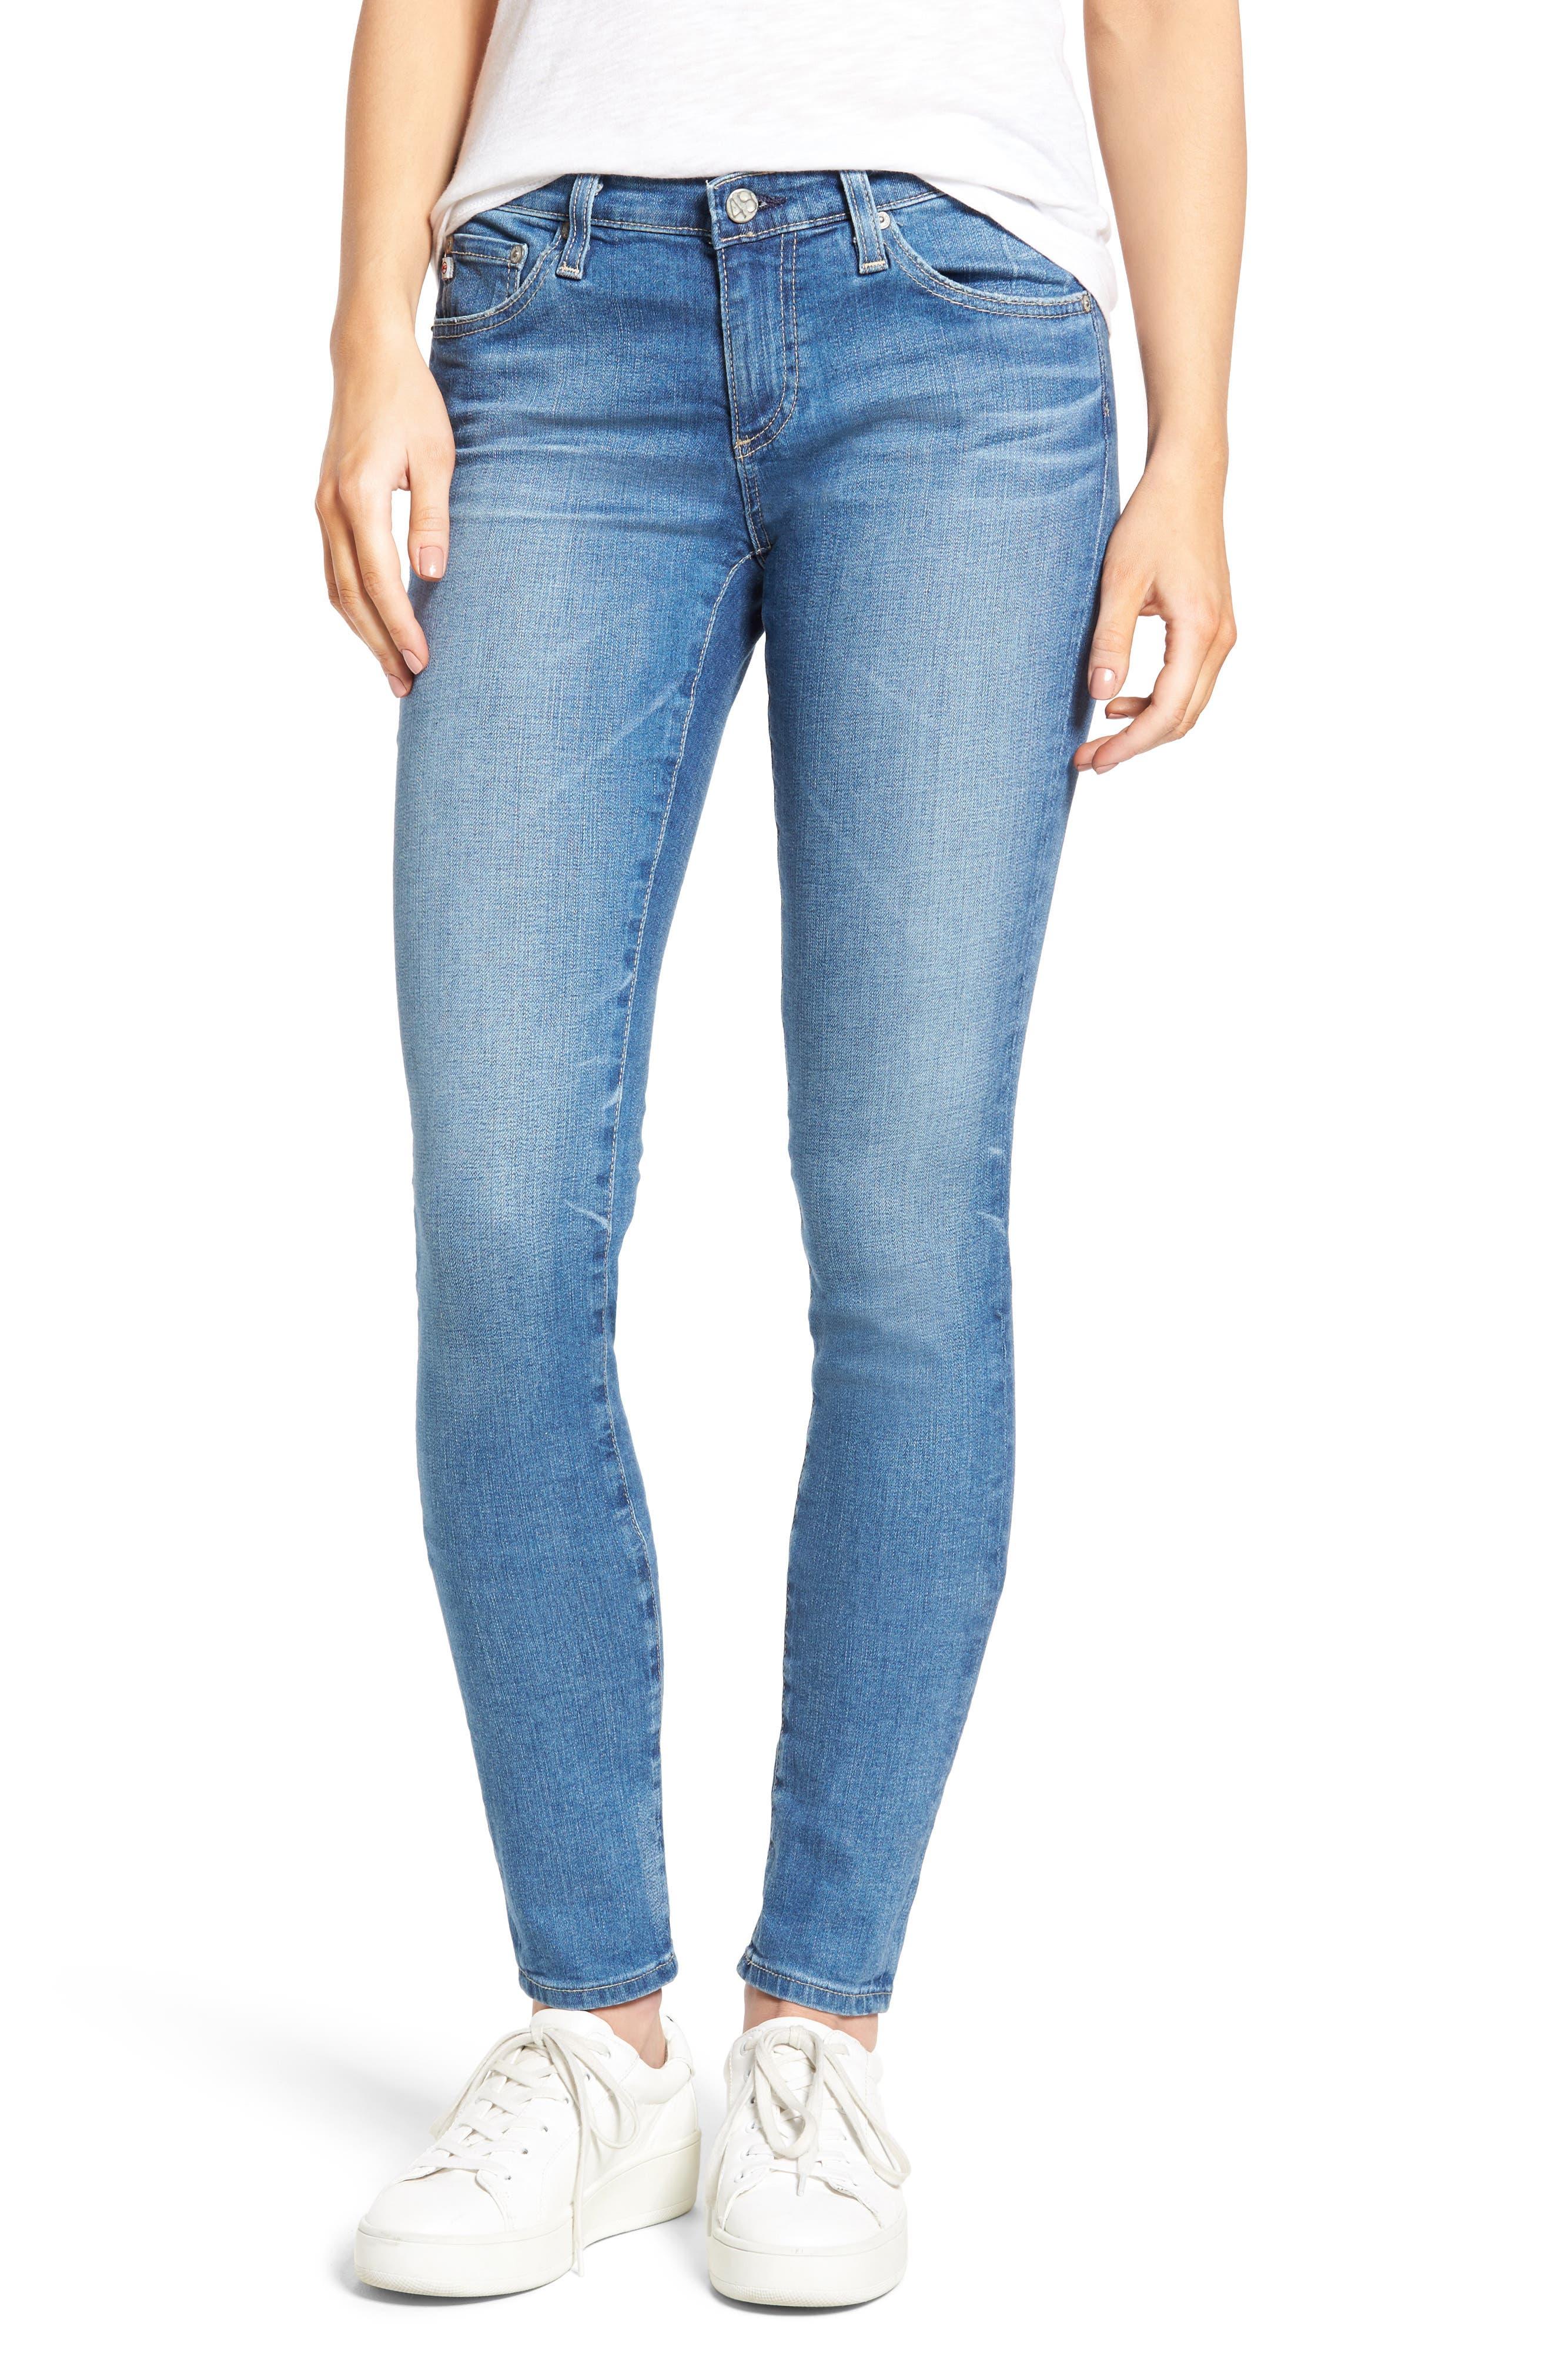 AG The Legging Super Skinny Jeans (18 Years Heartbreaker)